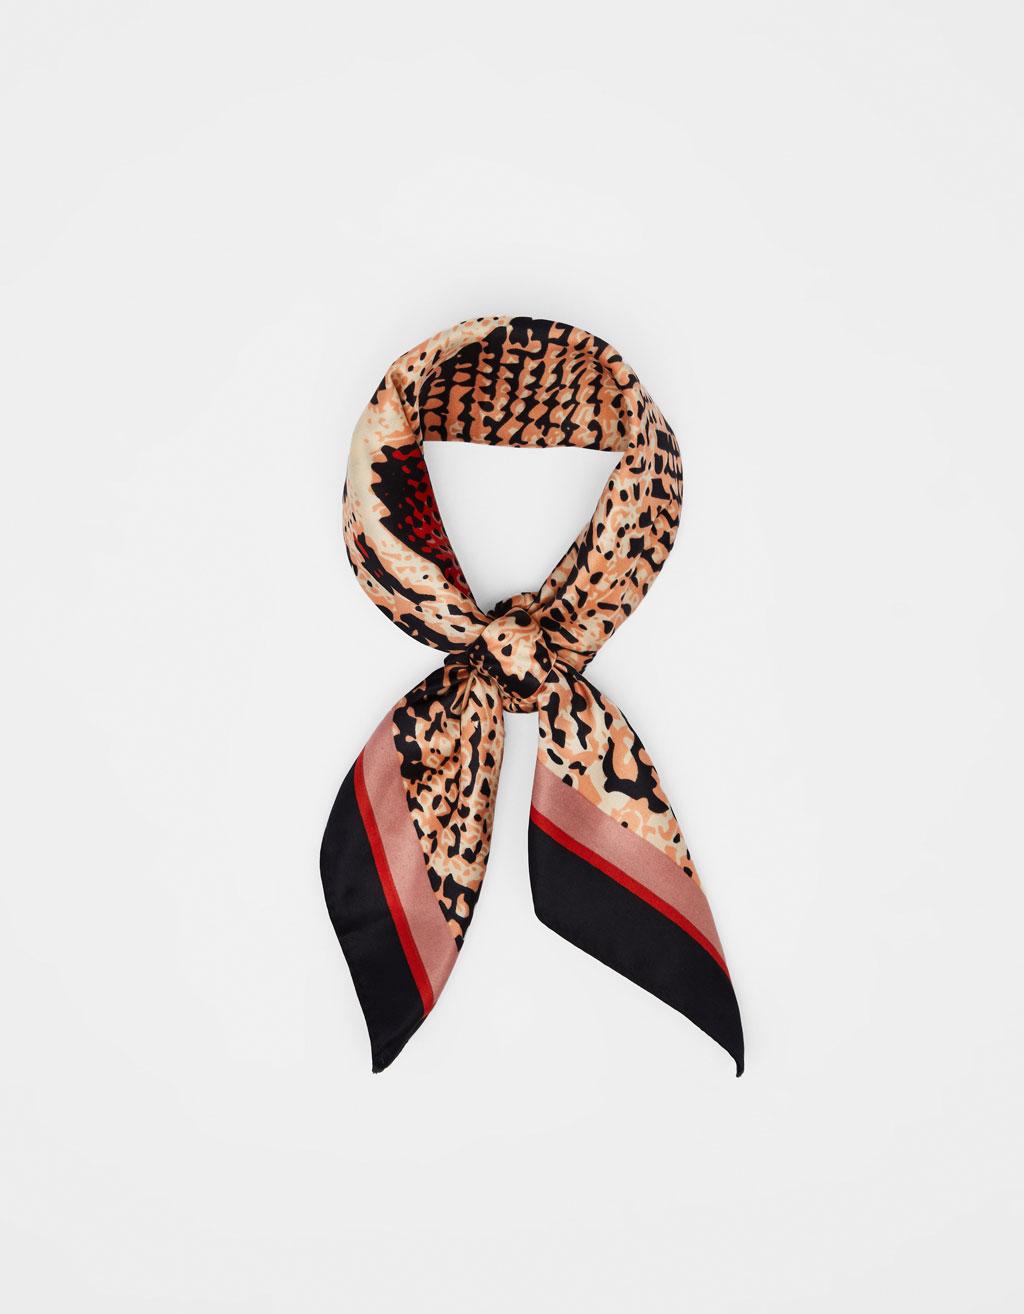 Pañoleta con estampado de serpiente